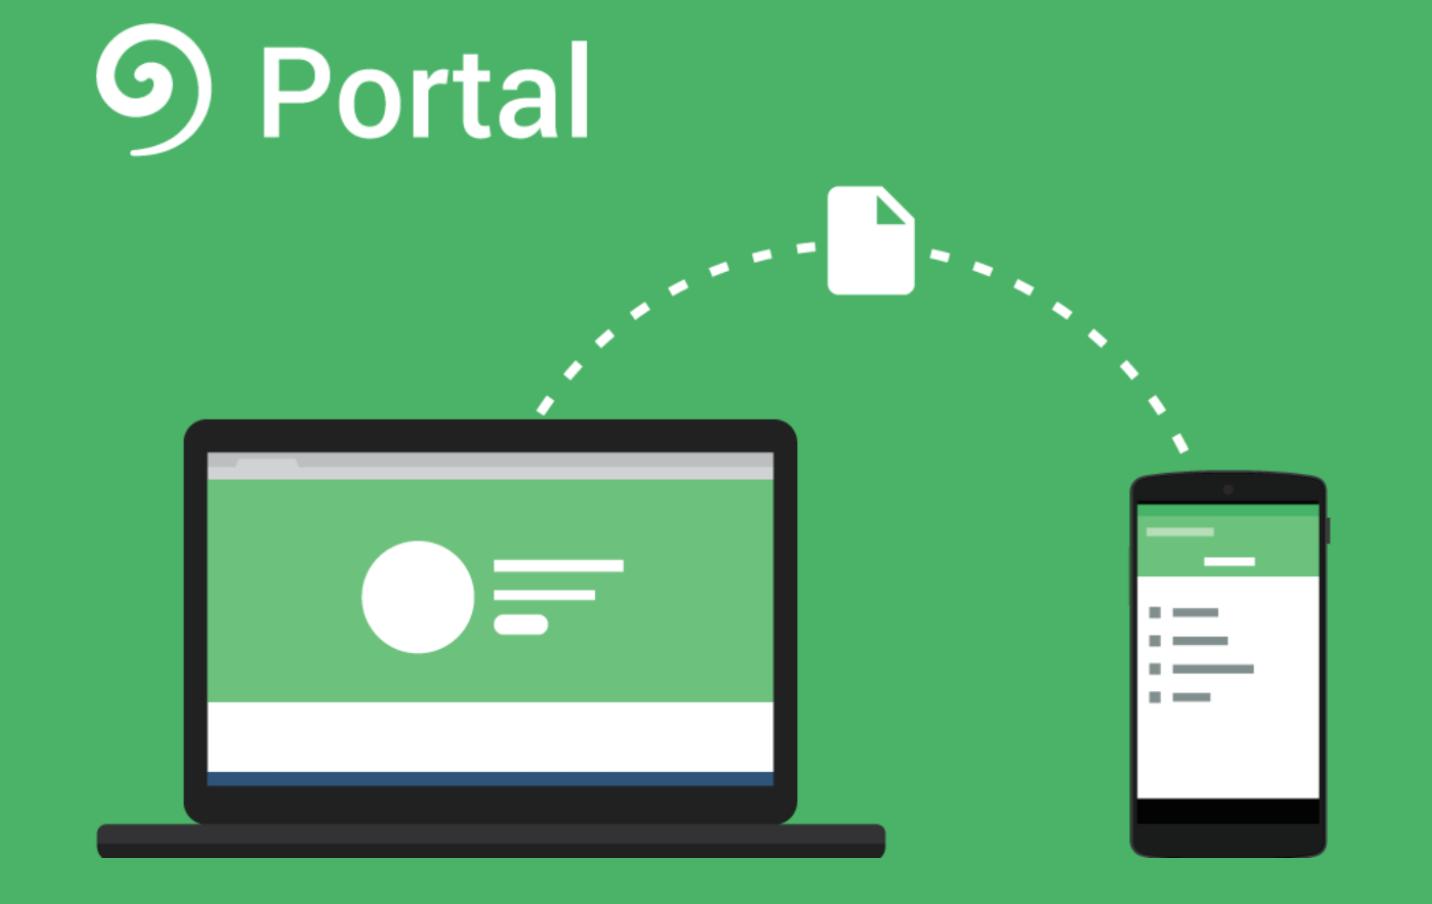 Portal от Pushbullet позволяет передавать большие файлы между устройствами